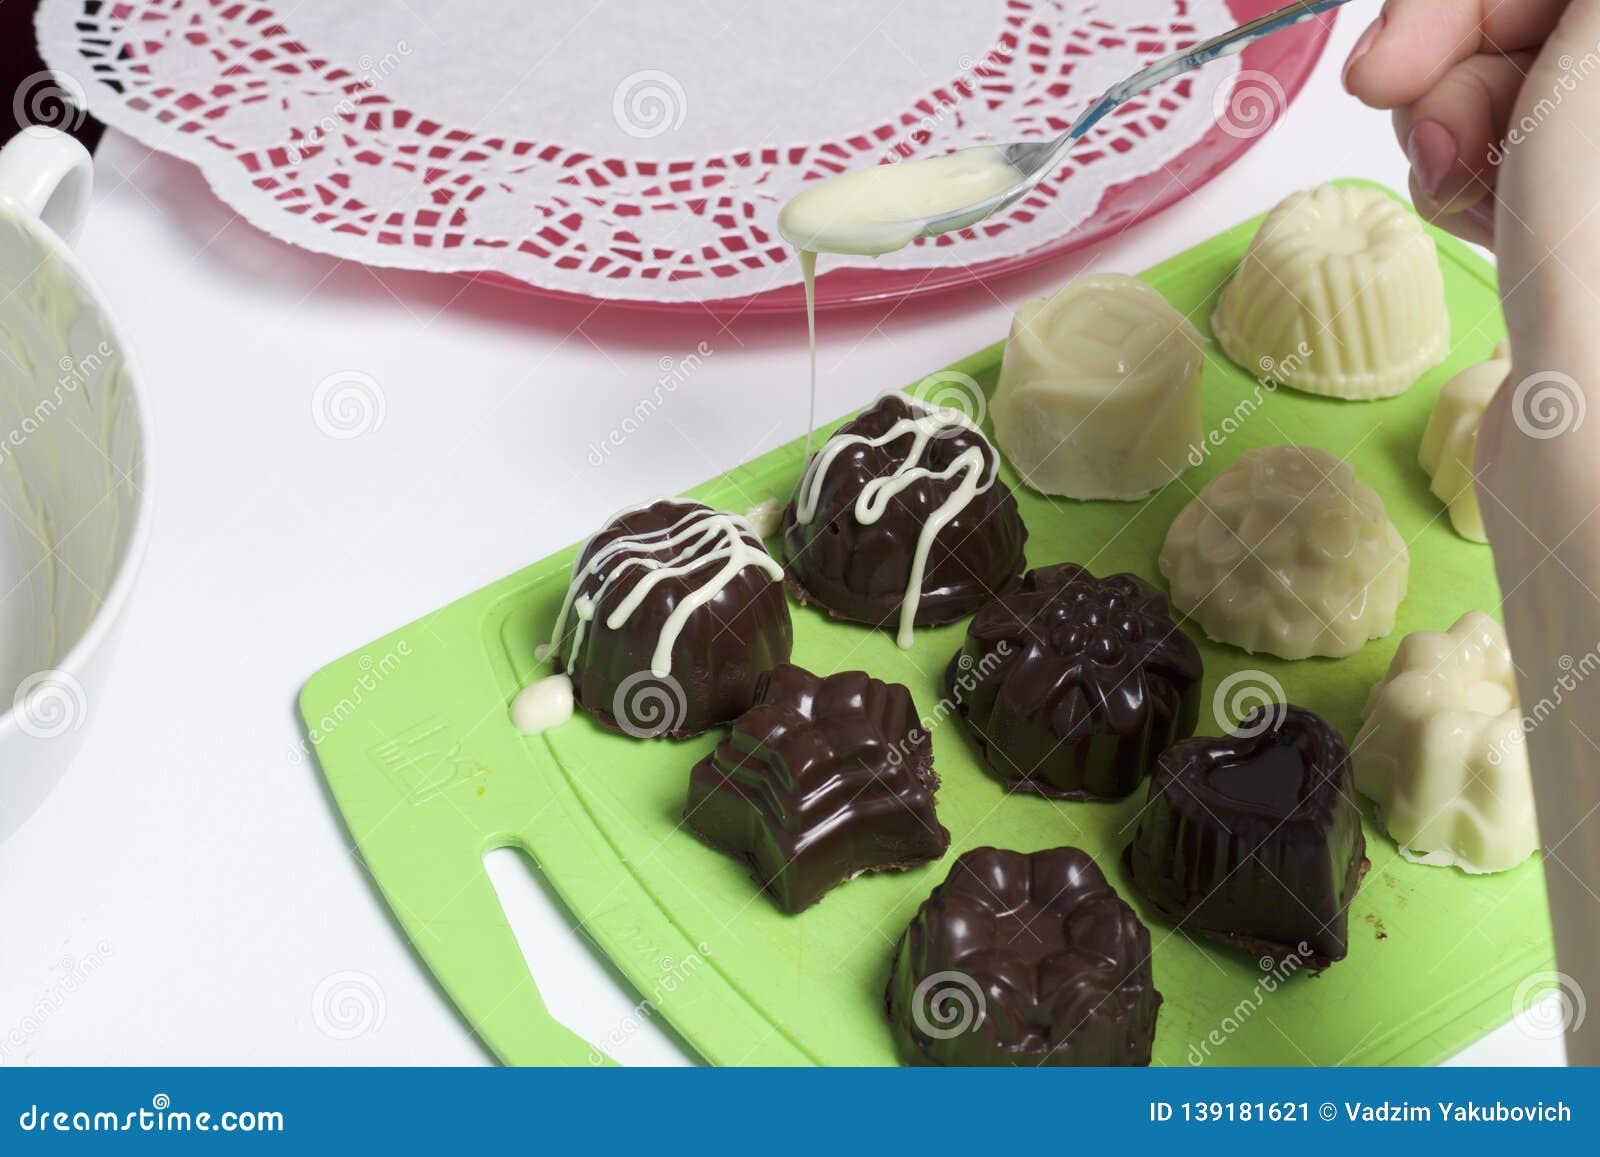 Kochen von Bonbons mit Kokosnuss und Kondensmilch In einer Glasur der weißen und schwarzen Schokolade